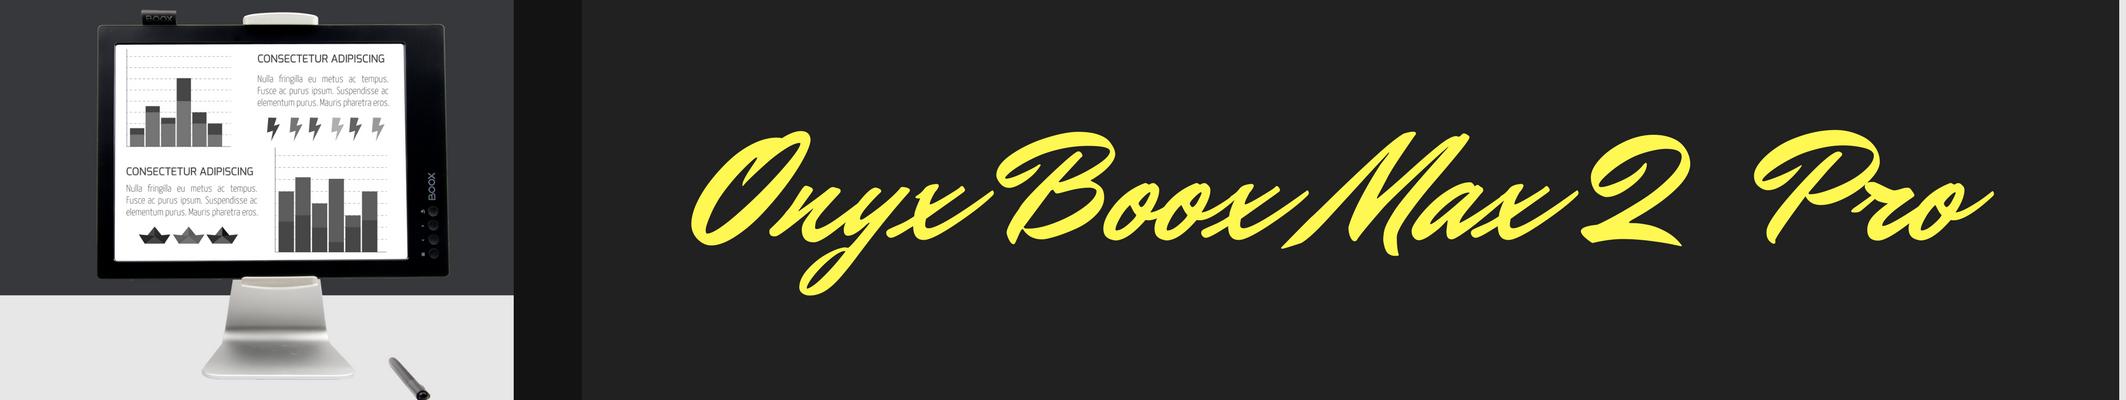 Onyx boox max 2 pro w sprzedaży za kilka dni